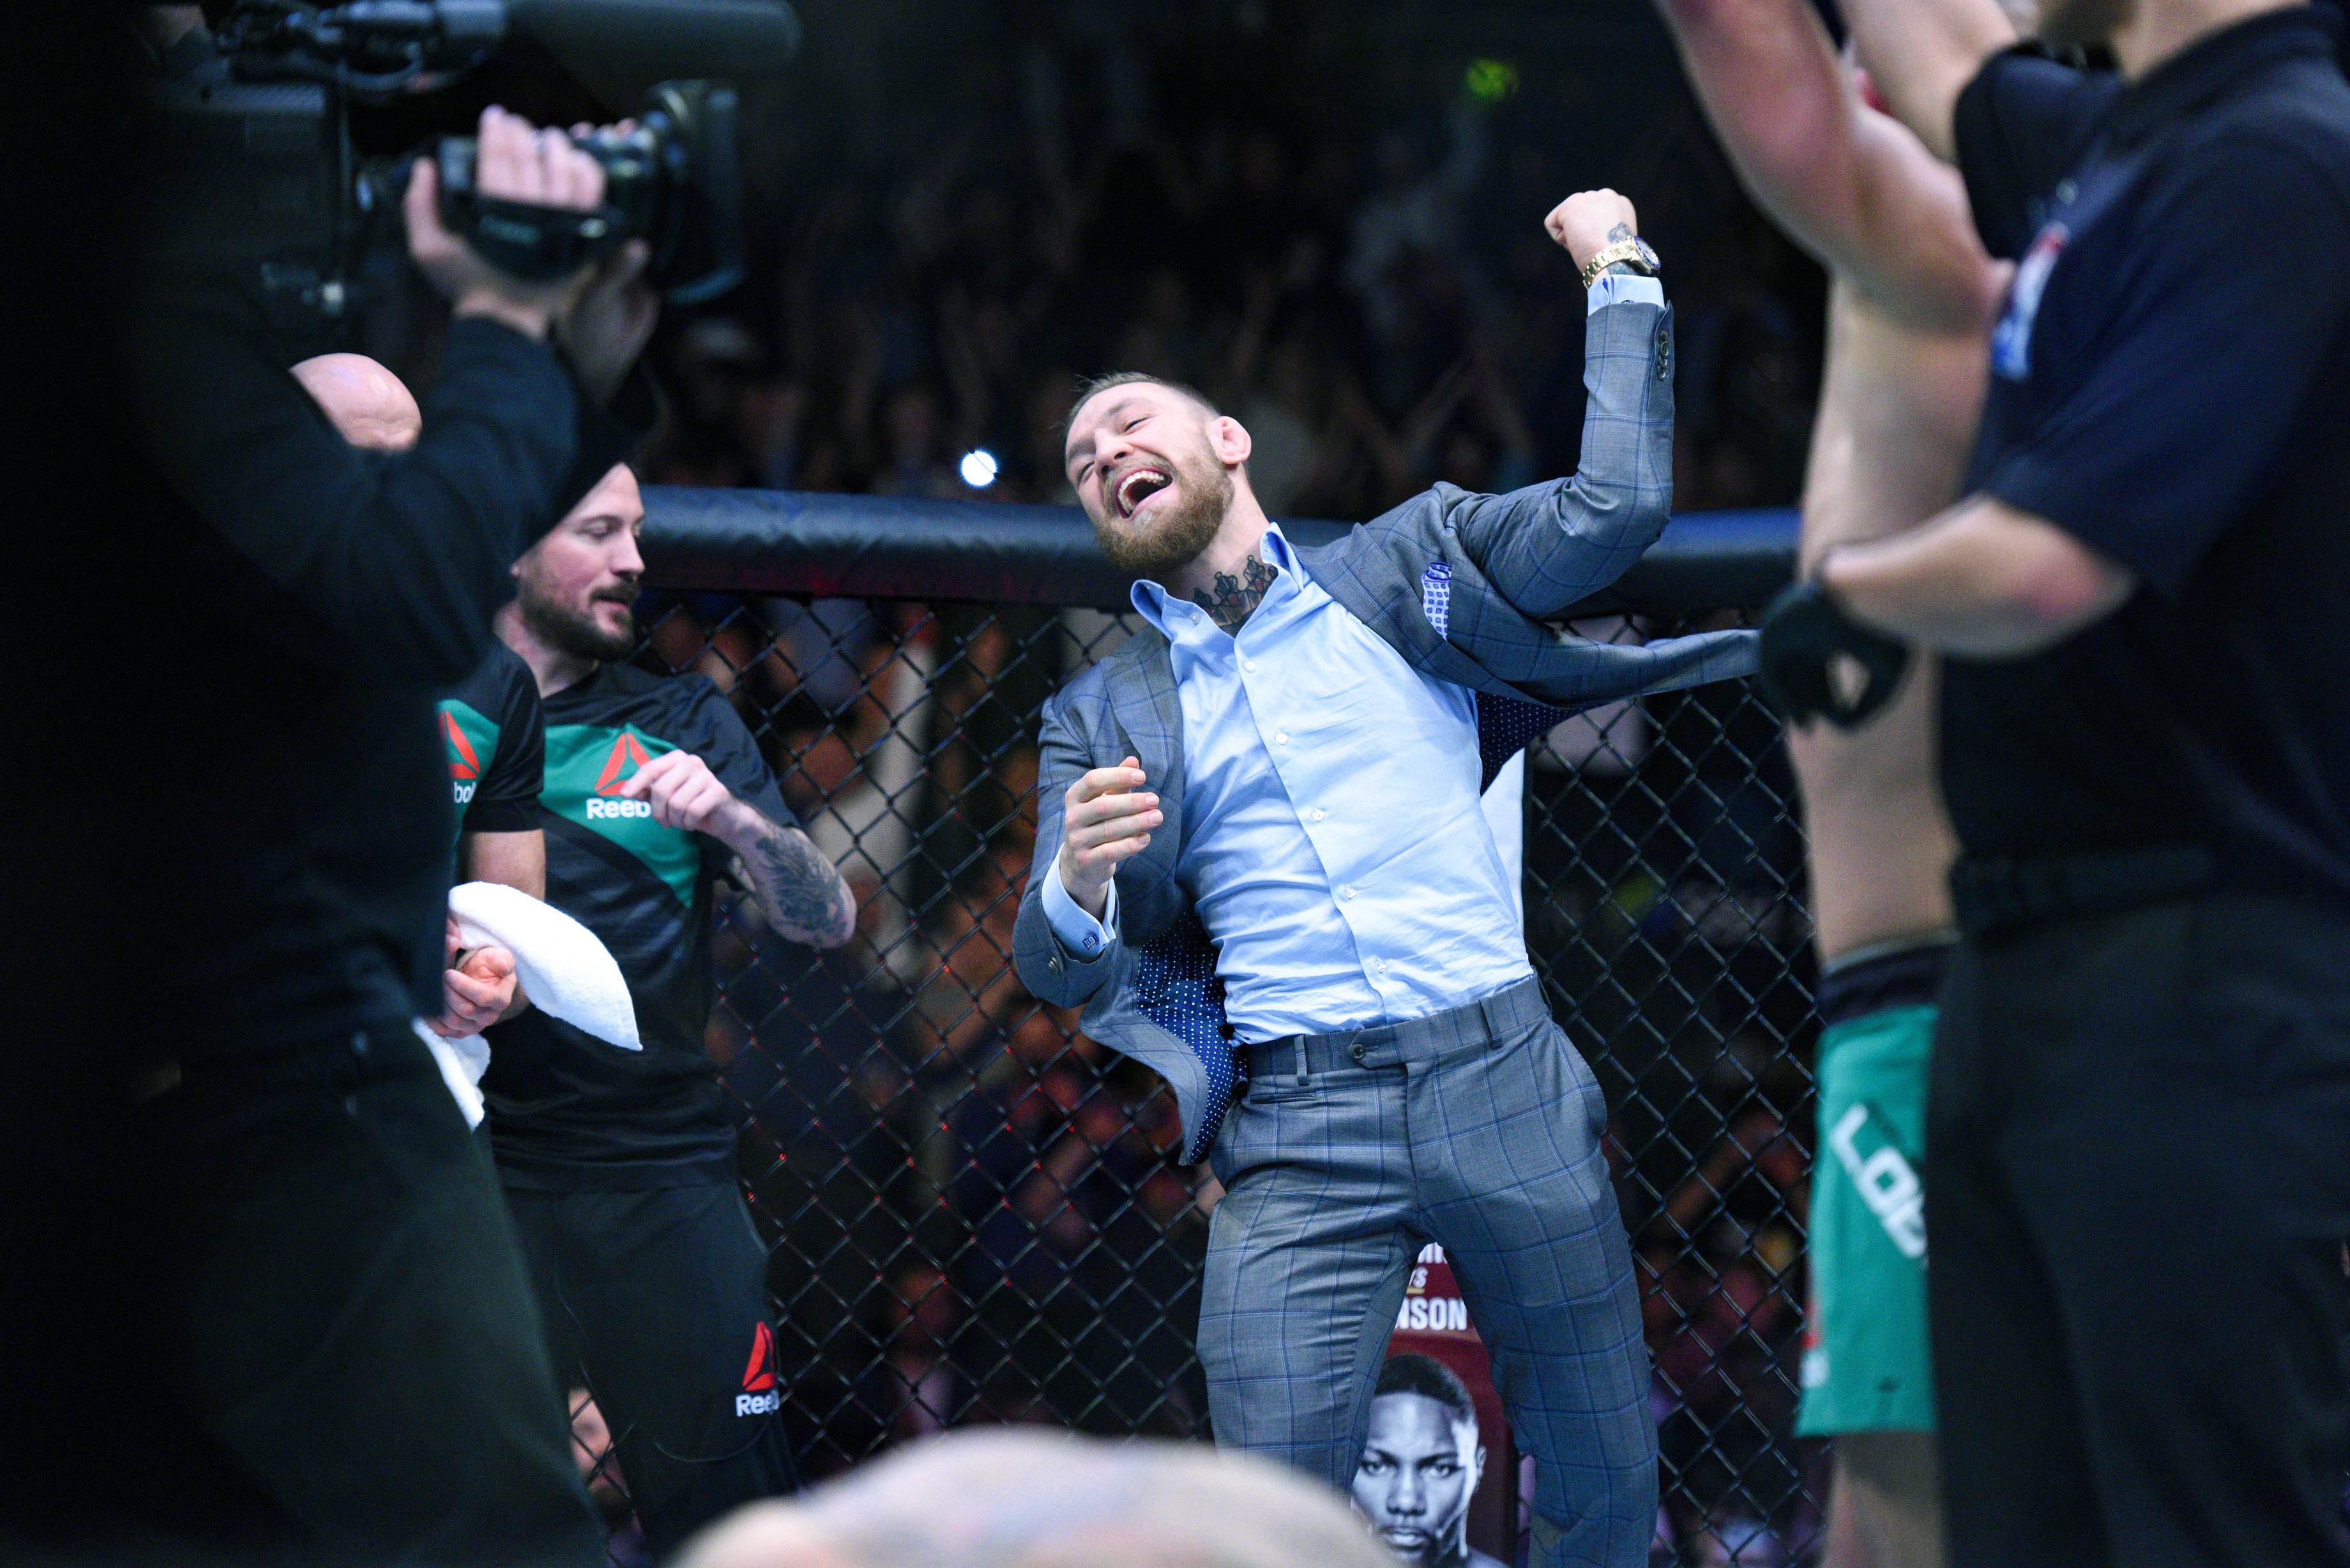 MMA: UFC Fight Night-Lobov vs Ishihara